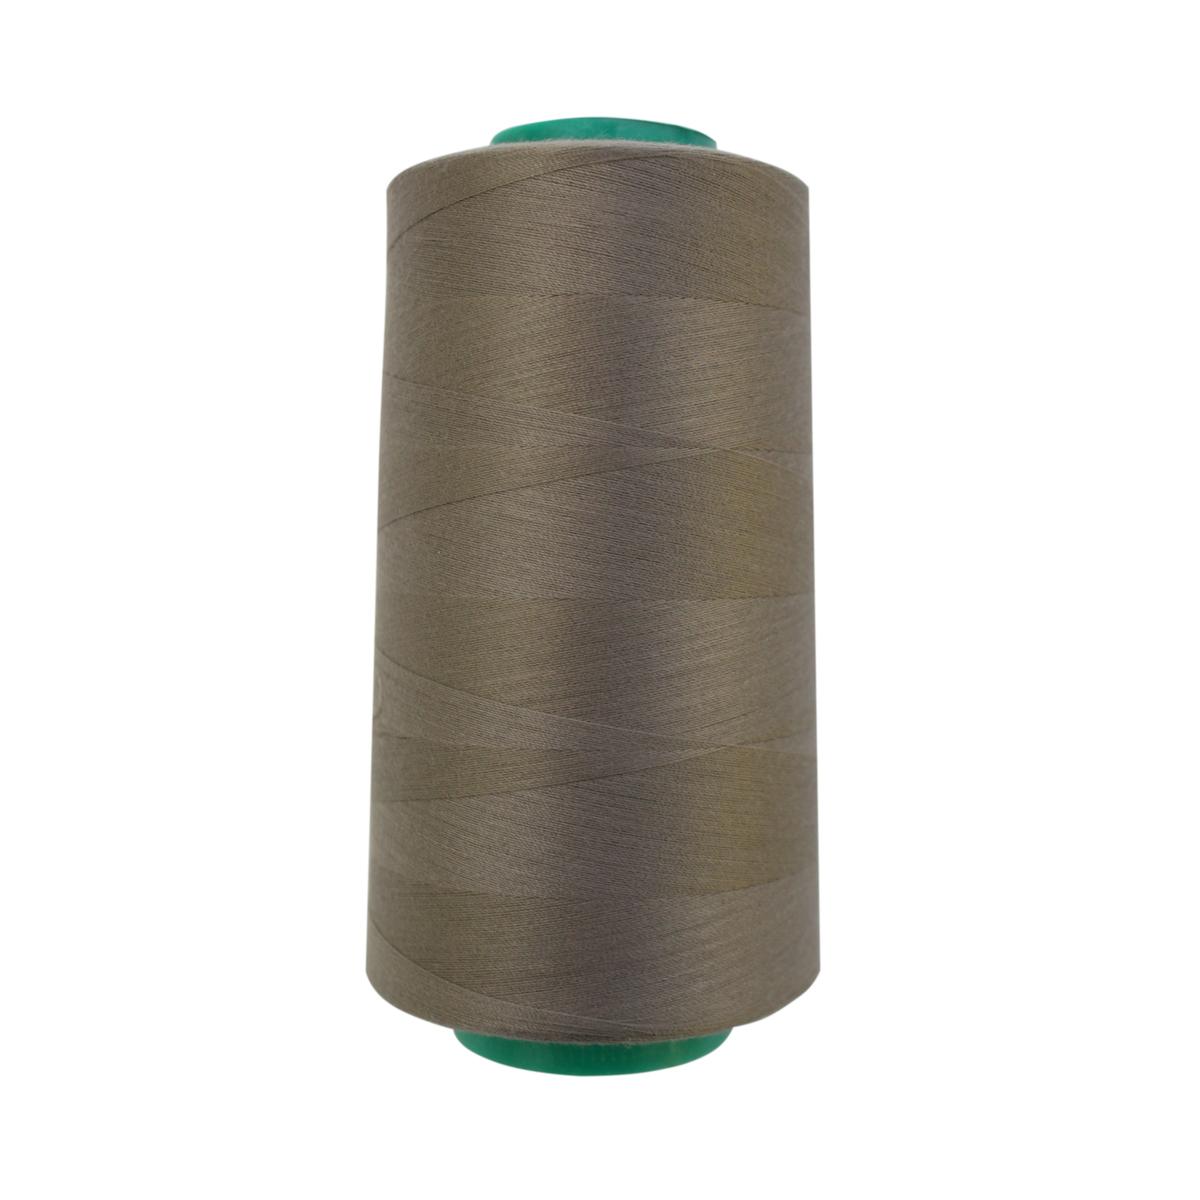 Нитки для шитья Bestex 50/2, 5000 ярд, цвет: серый (164)7700936-164Сфера использования: трикотаж; ткани малого веса; оверлочные швы; отделка краев; вышивка. Размер игл №70-80